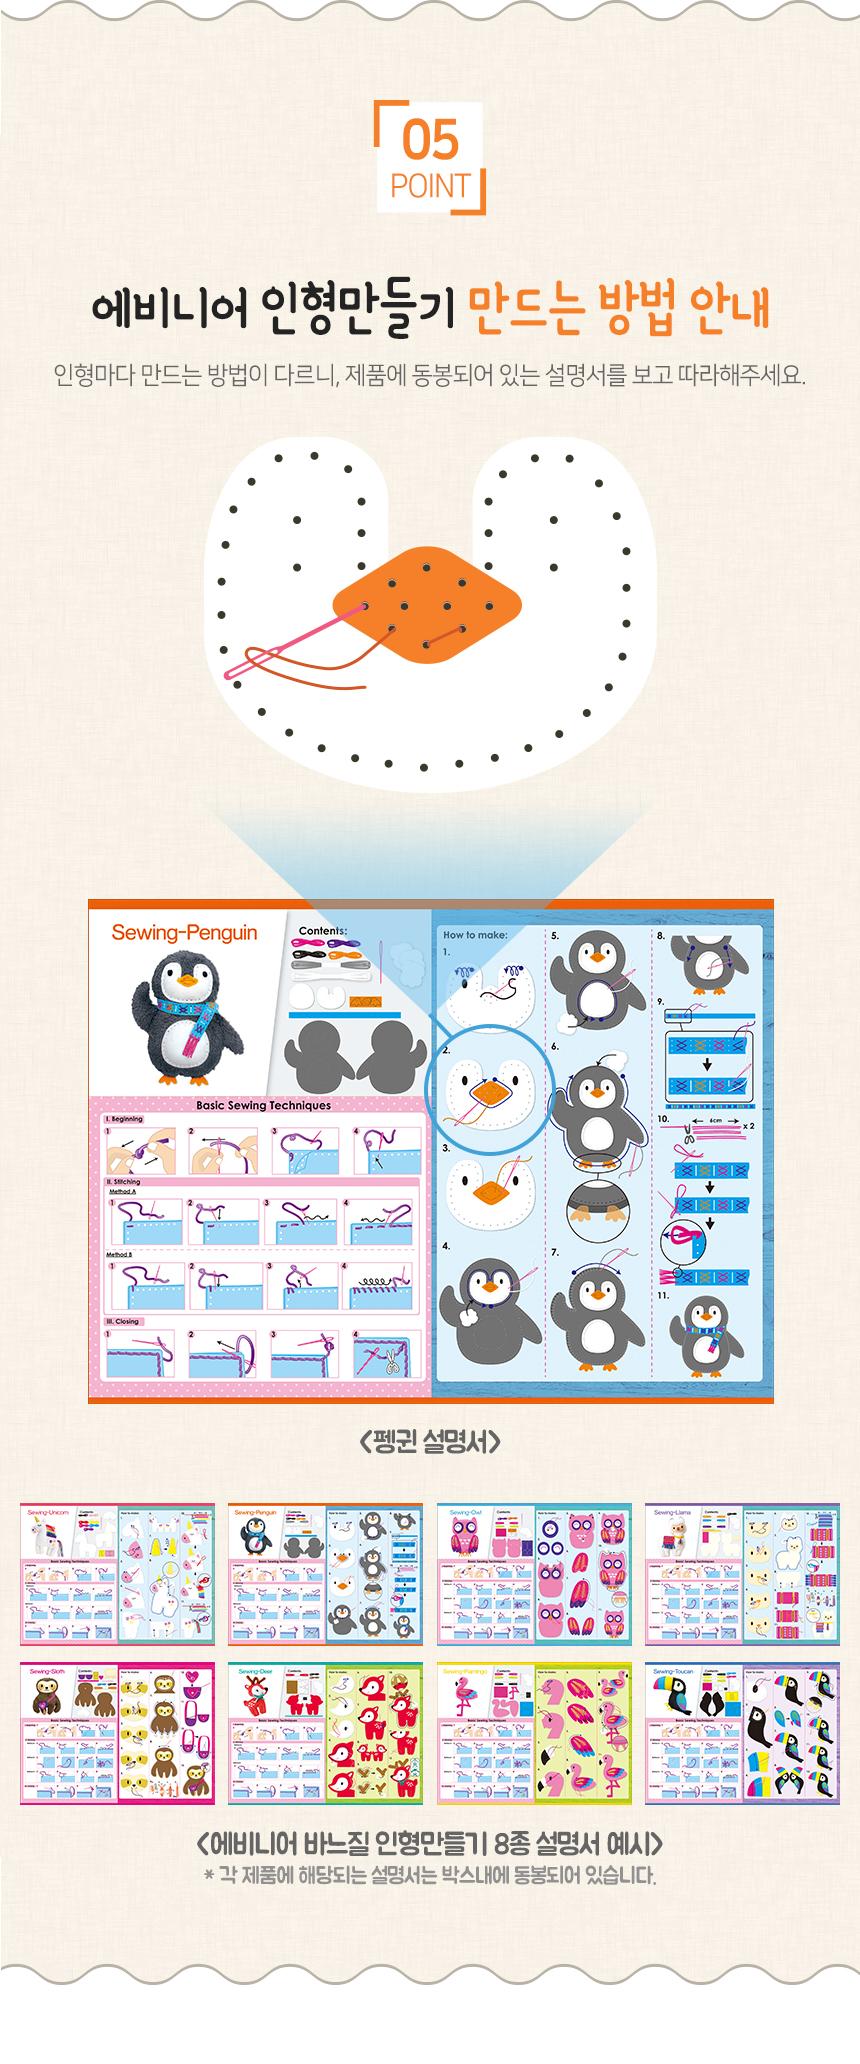 에비니어 DIY 애착 인형 만들기 취미 태교 바느질 라마 - 해피플레이, 22,000원, 퀼트/원단공예, 인형 패키지